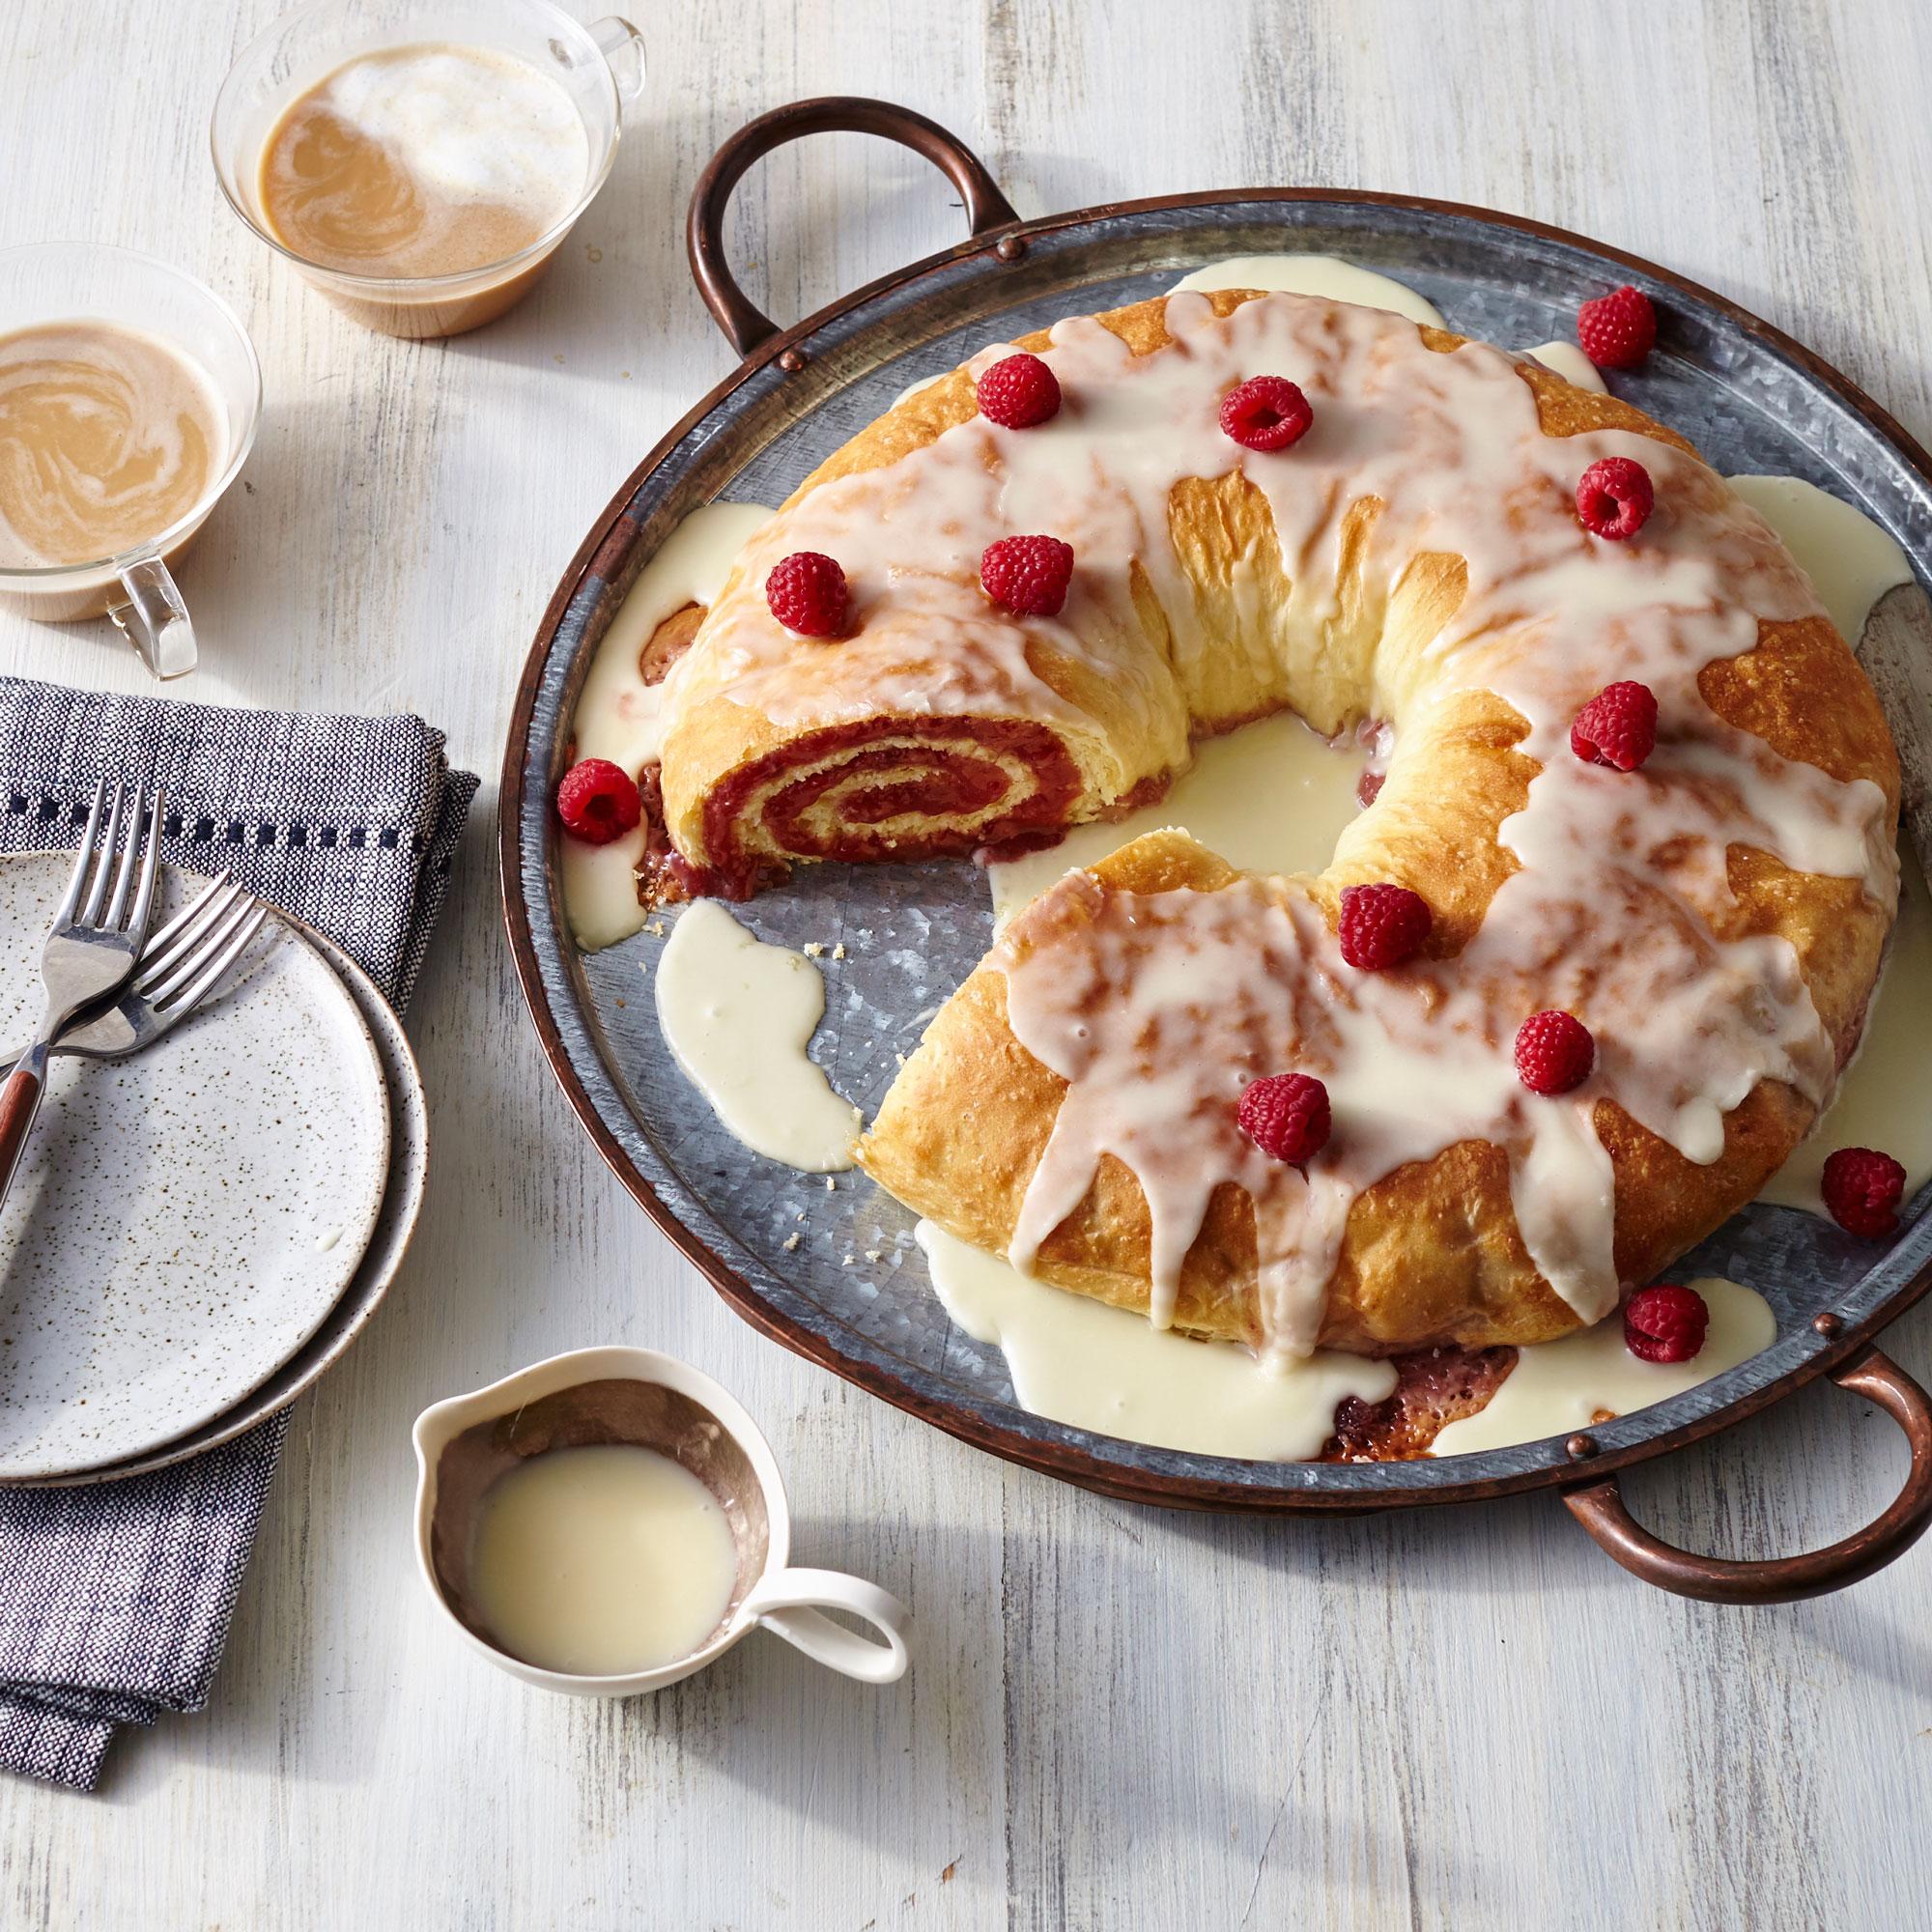 Raspberry and Cream Cheese Danish Roll image